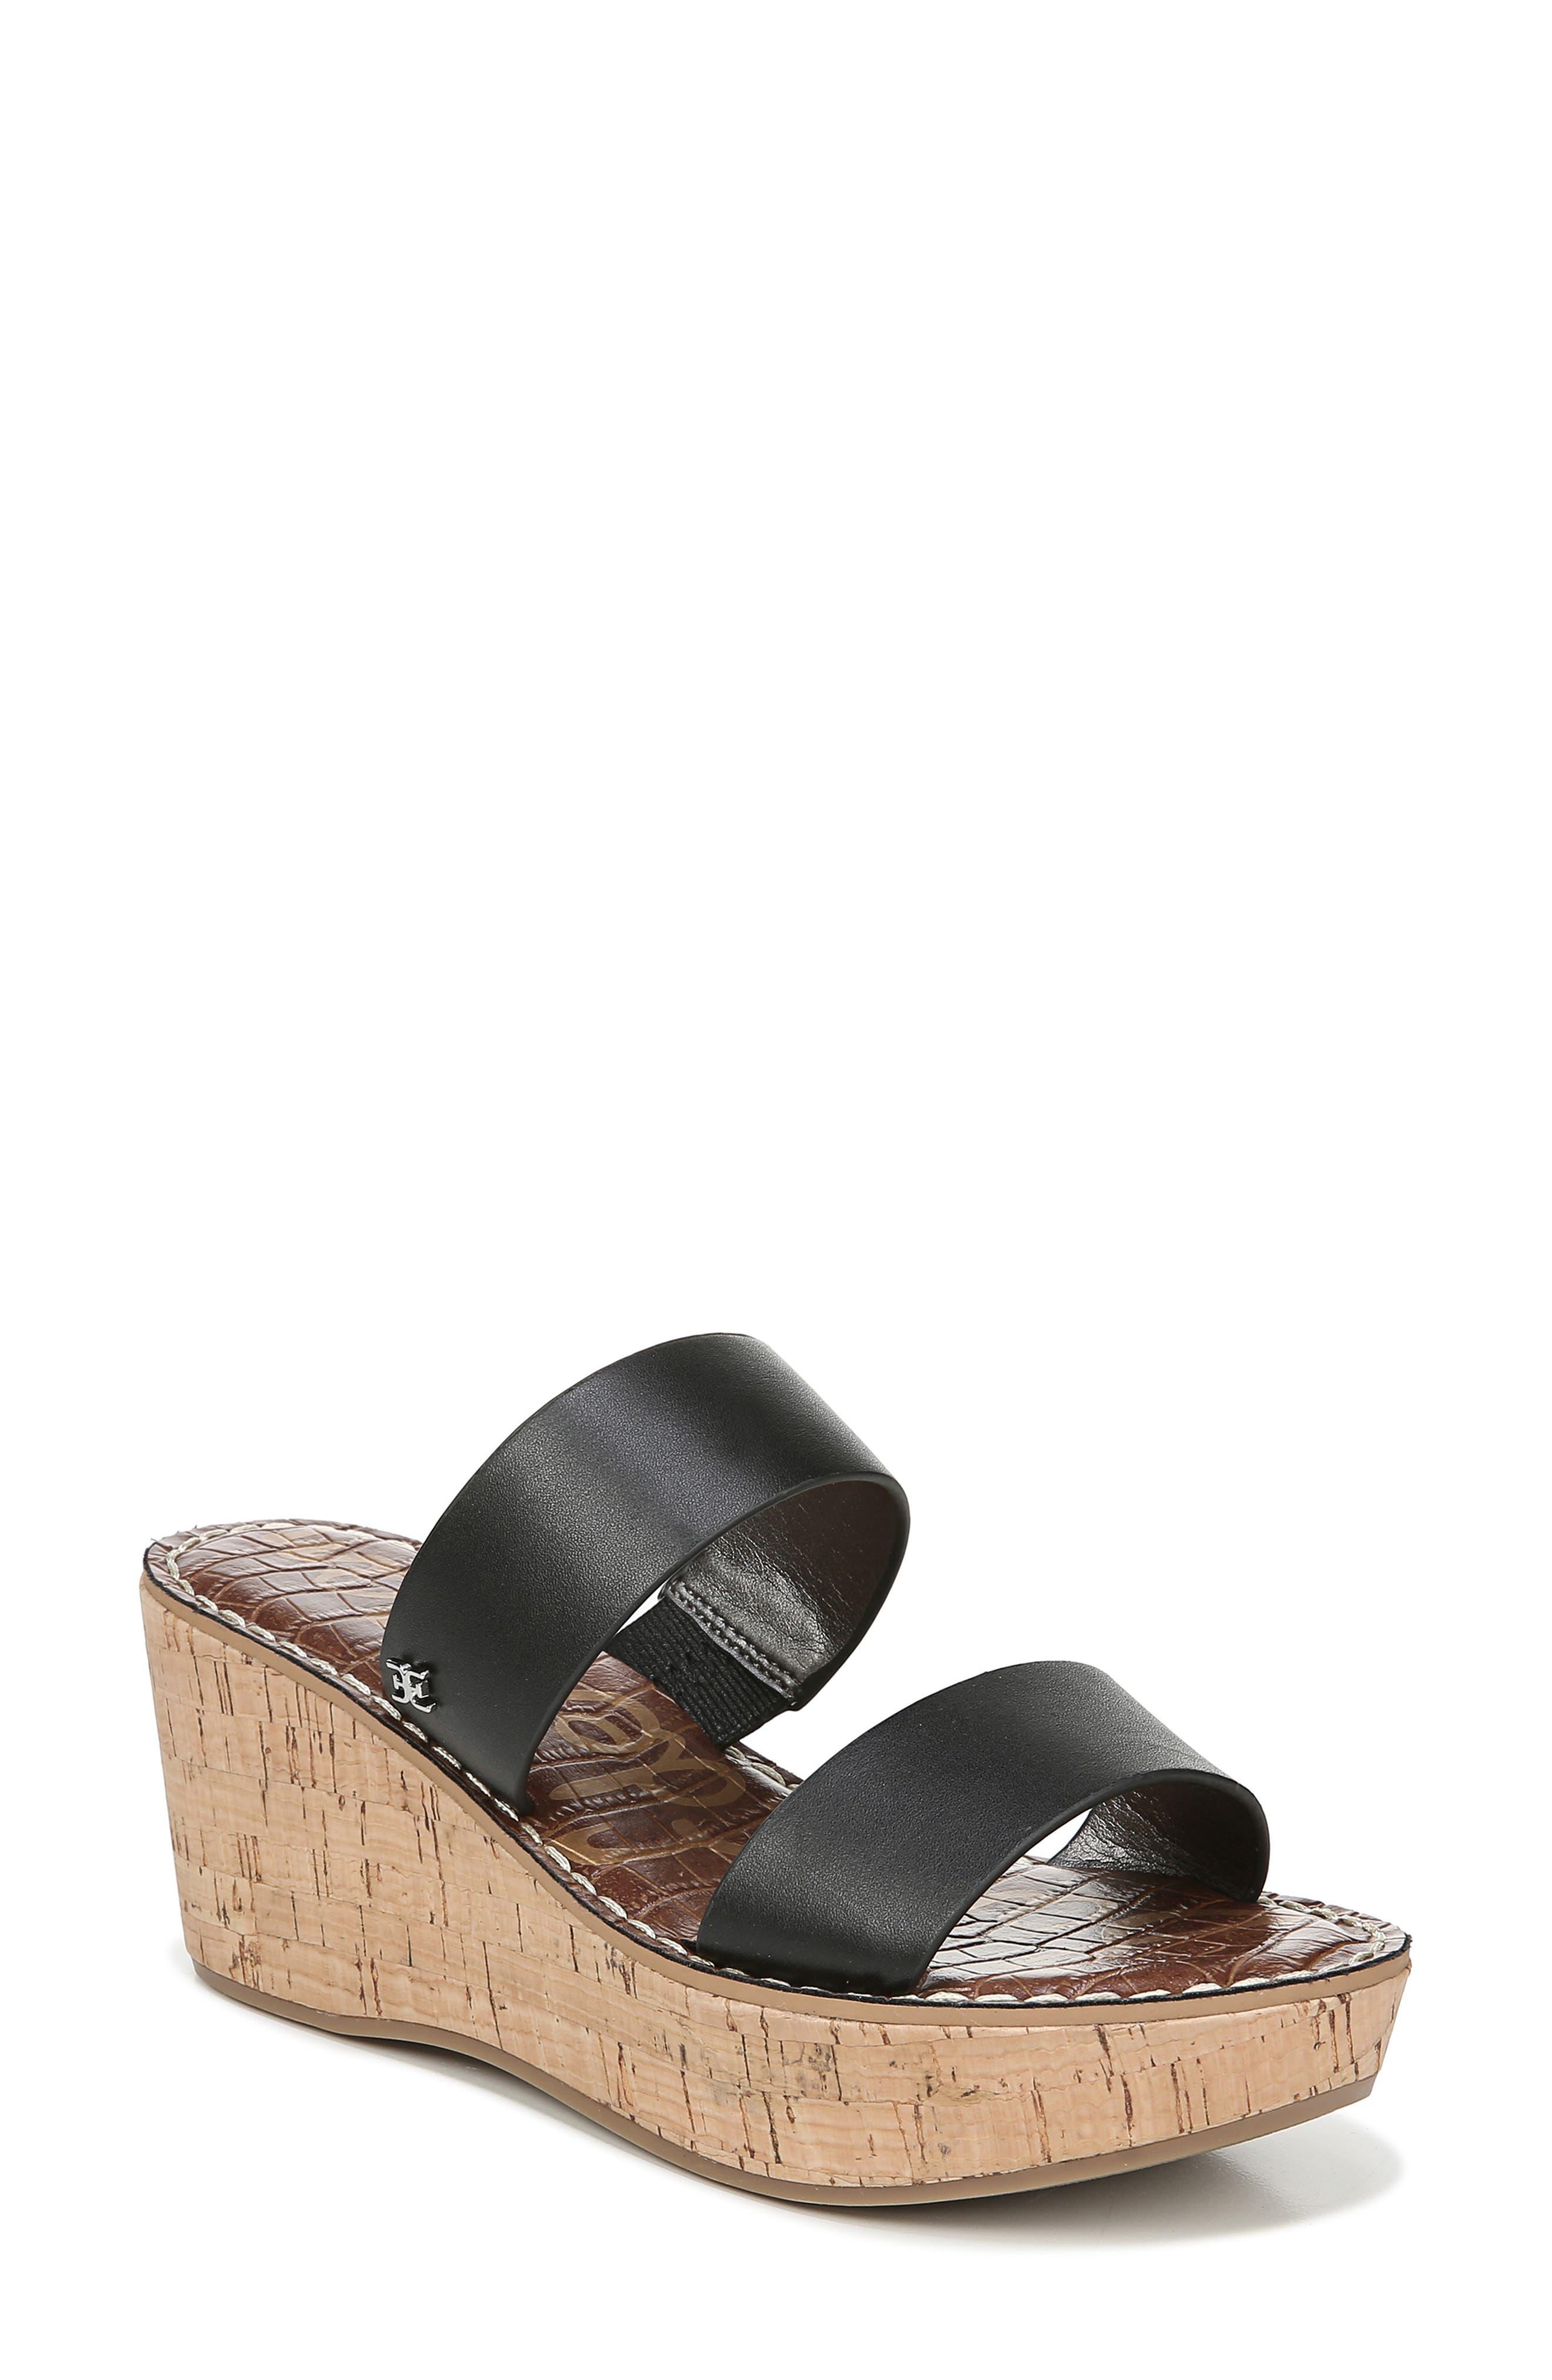 Rydell Platform Slide Sandal, Main, color, BLACK LEATHER